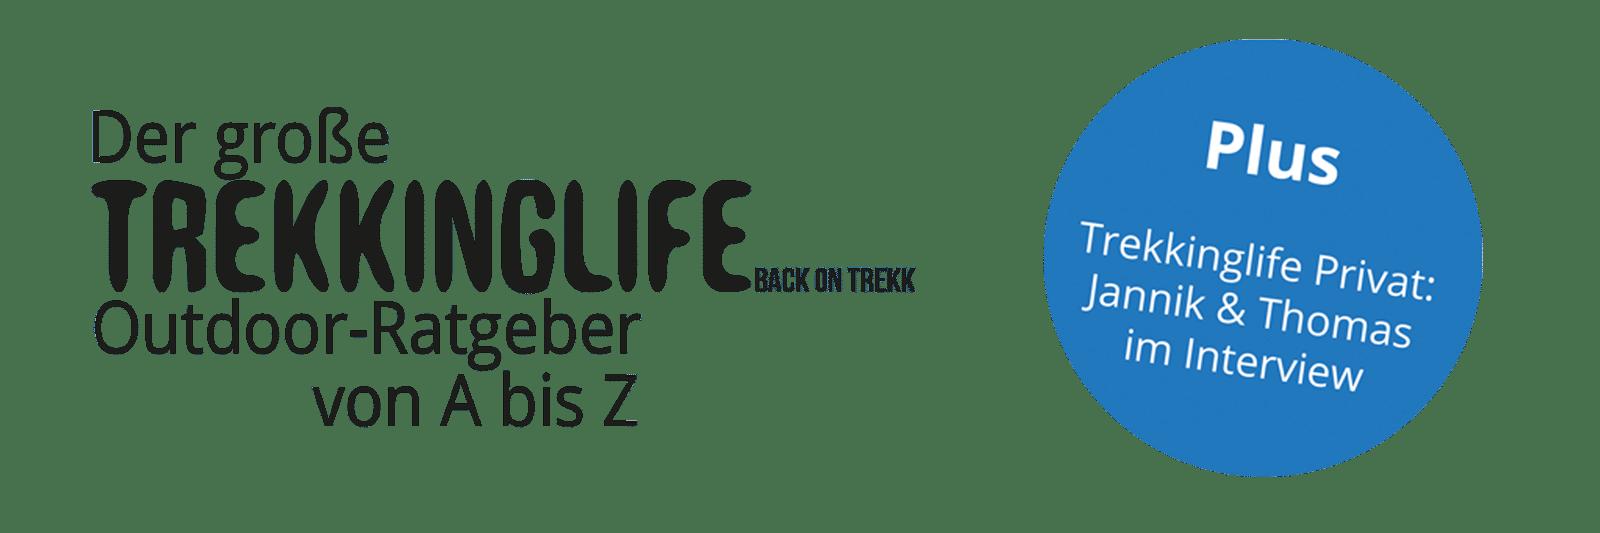 Trekkinglife Outdoor-Ratgeber von A bis Z und alles zu den Themen Wandern und Outdoor